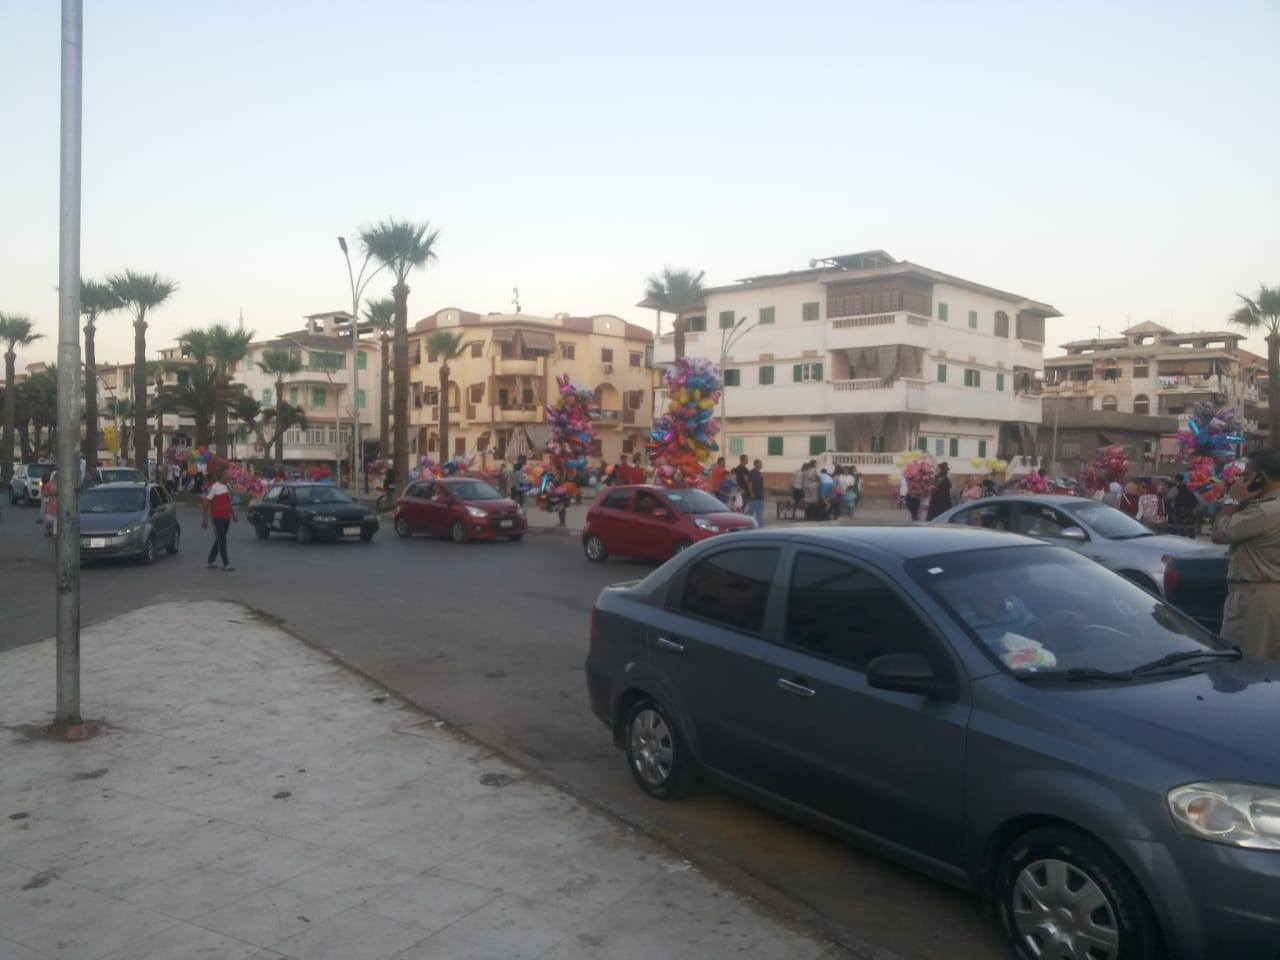 القناديل والأسعار والشلل المرورى.. شكاوى جماعية من رواد رأس البر  (1)